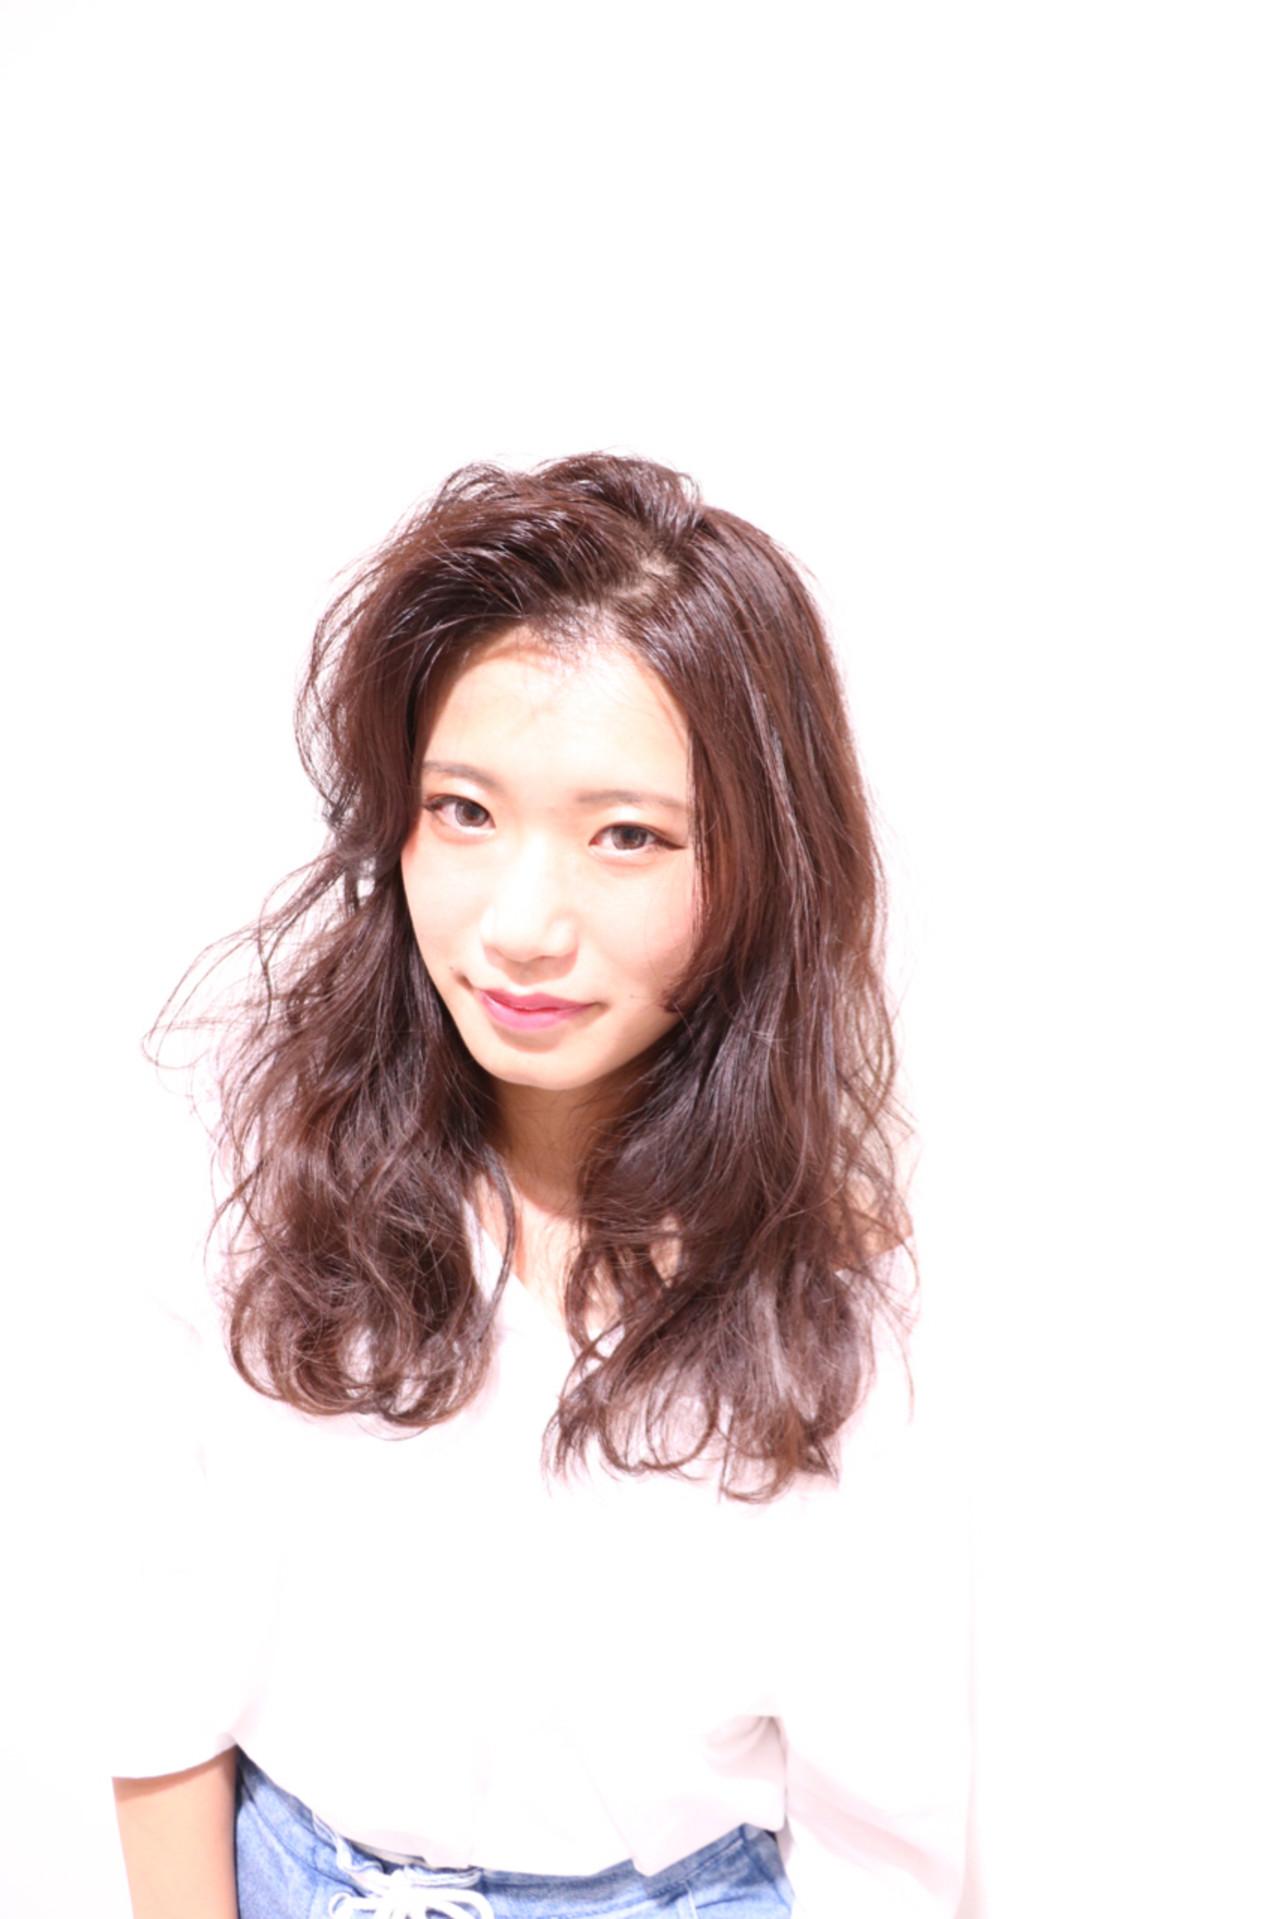 セミロング ナチュラル ショート 簡単ヘアアレンジ ヘアスタイルや髪型の写真・画像 | 近藤裕介 / チェルシー梅田